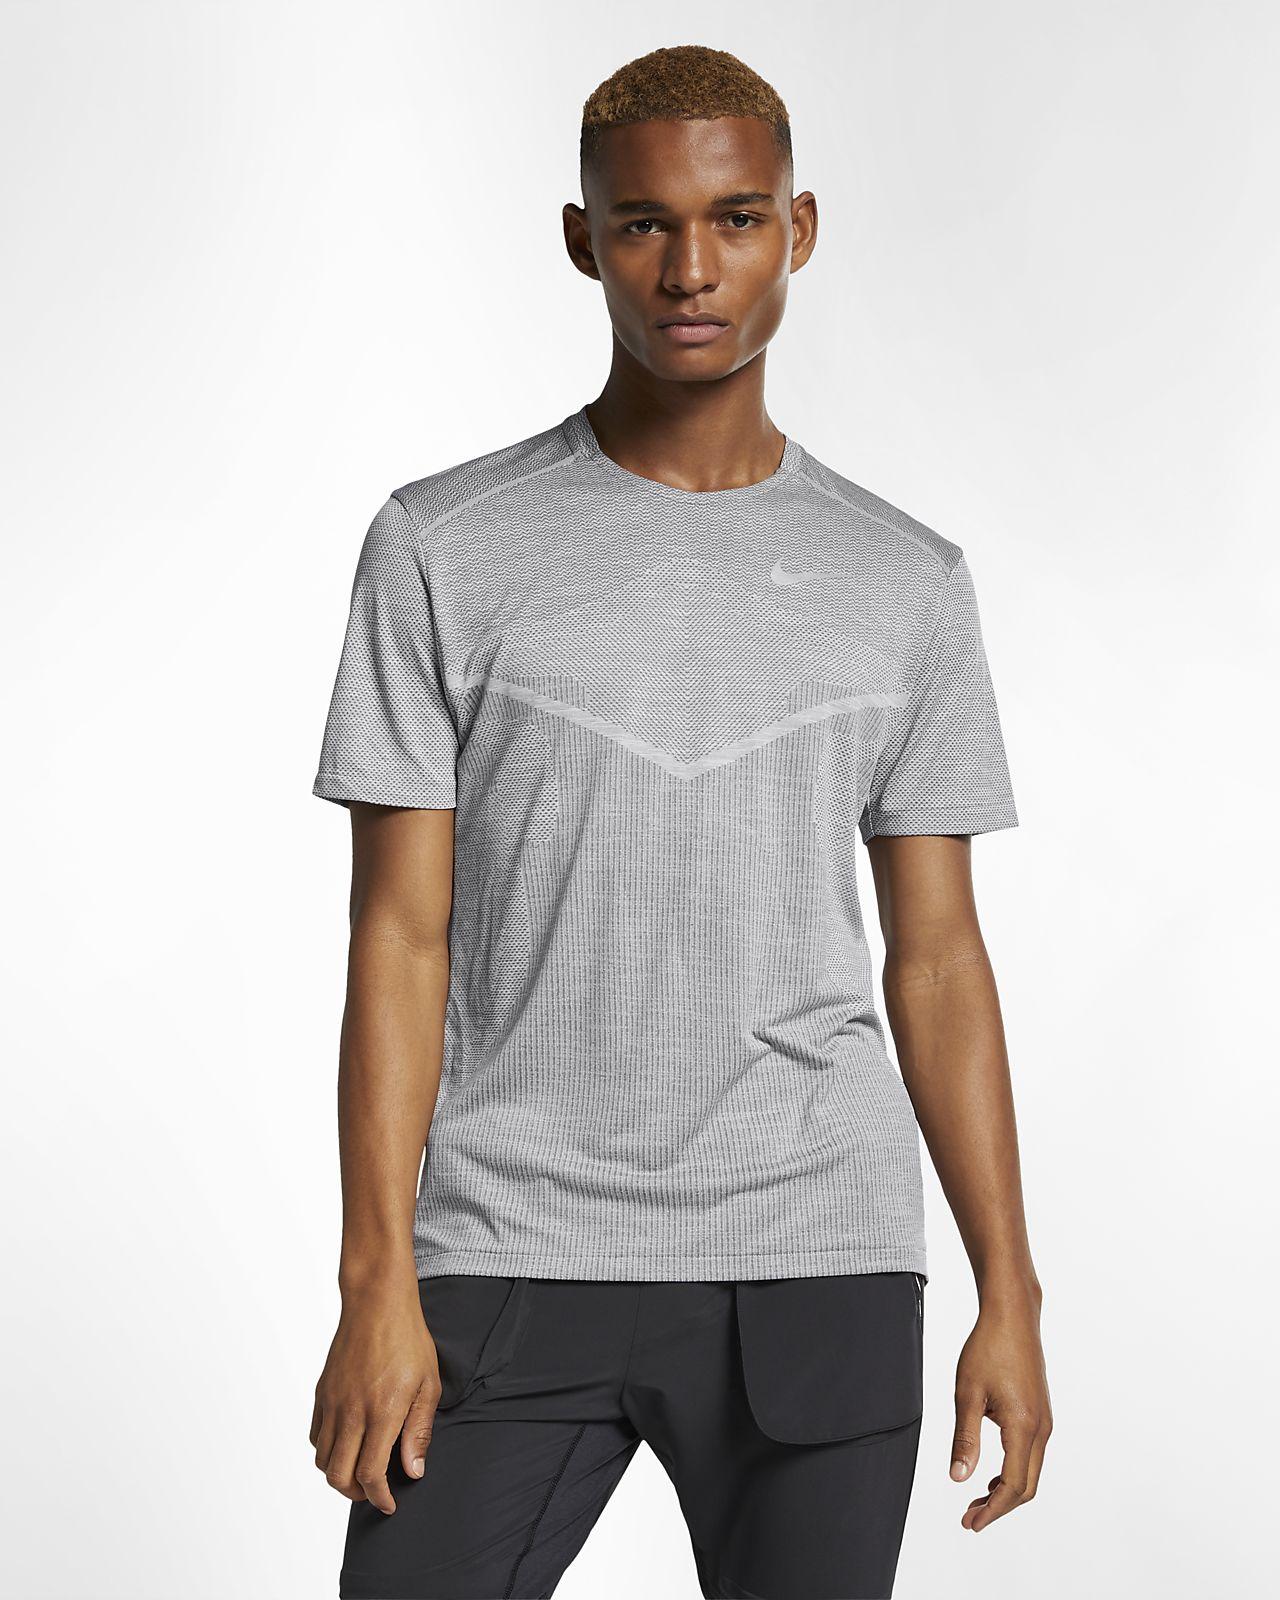 Nike TechKnit Ultra Kısa Kollu Erkek Koşu Üstü